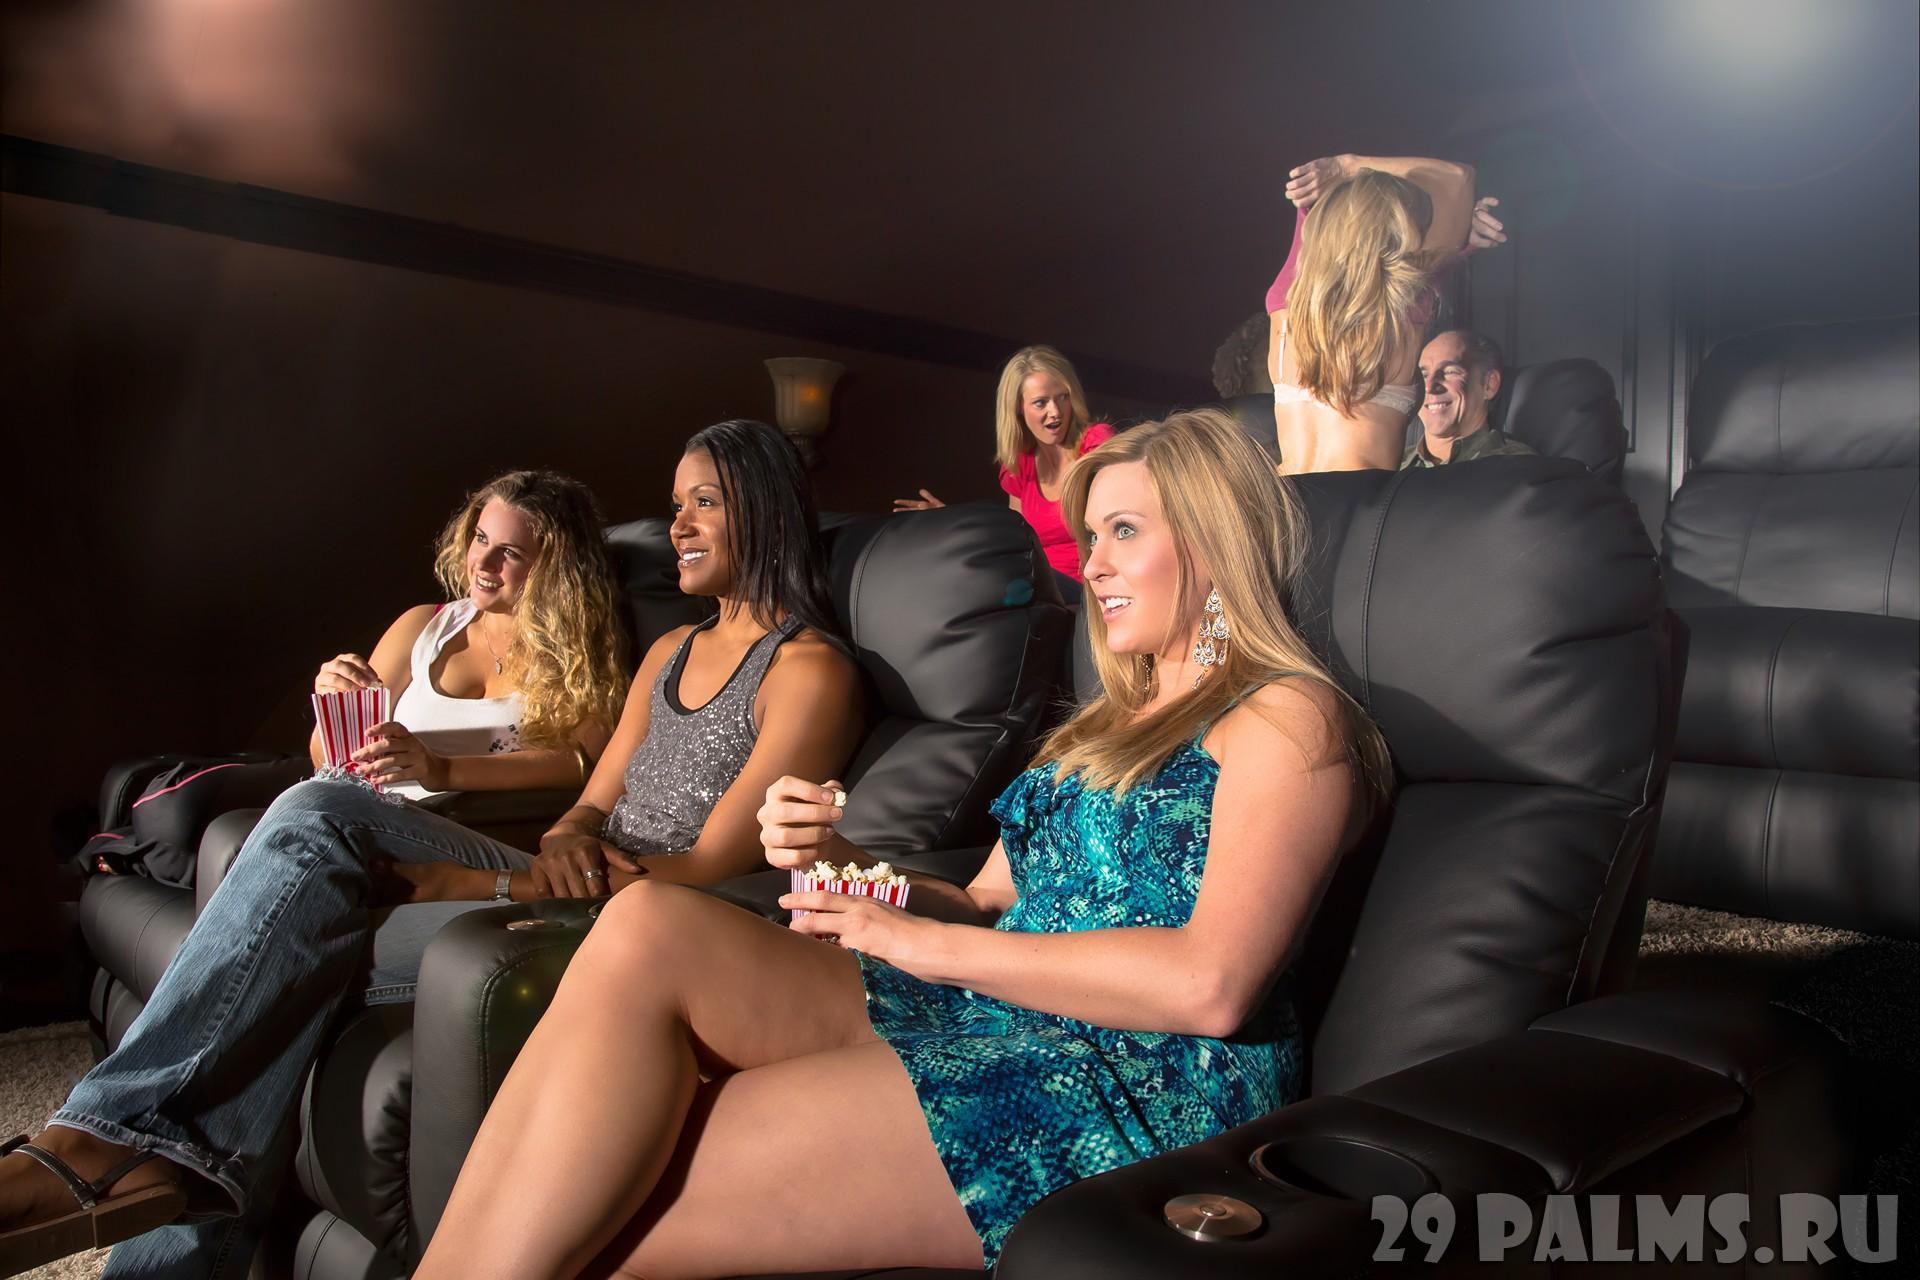 Секс в кинотеатре на заднем ряду